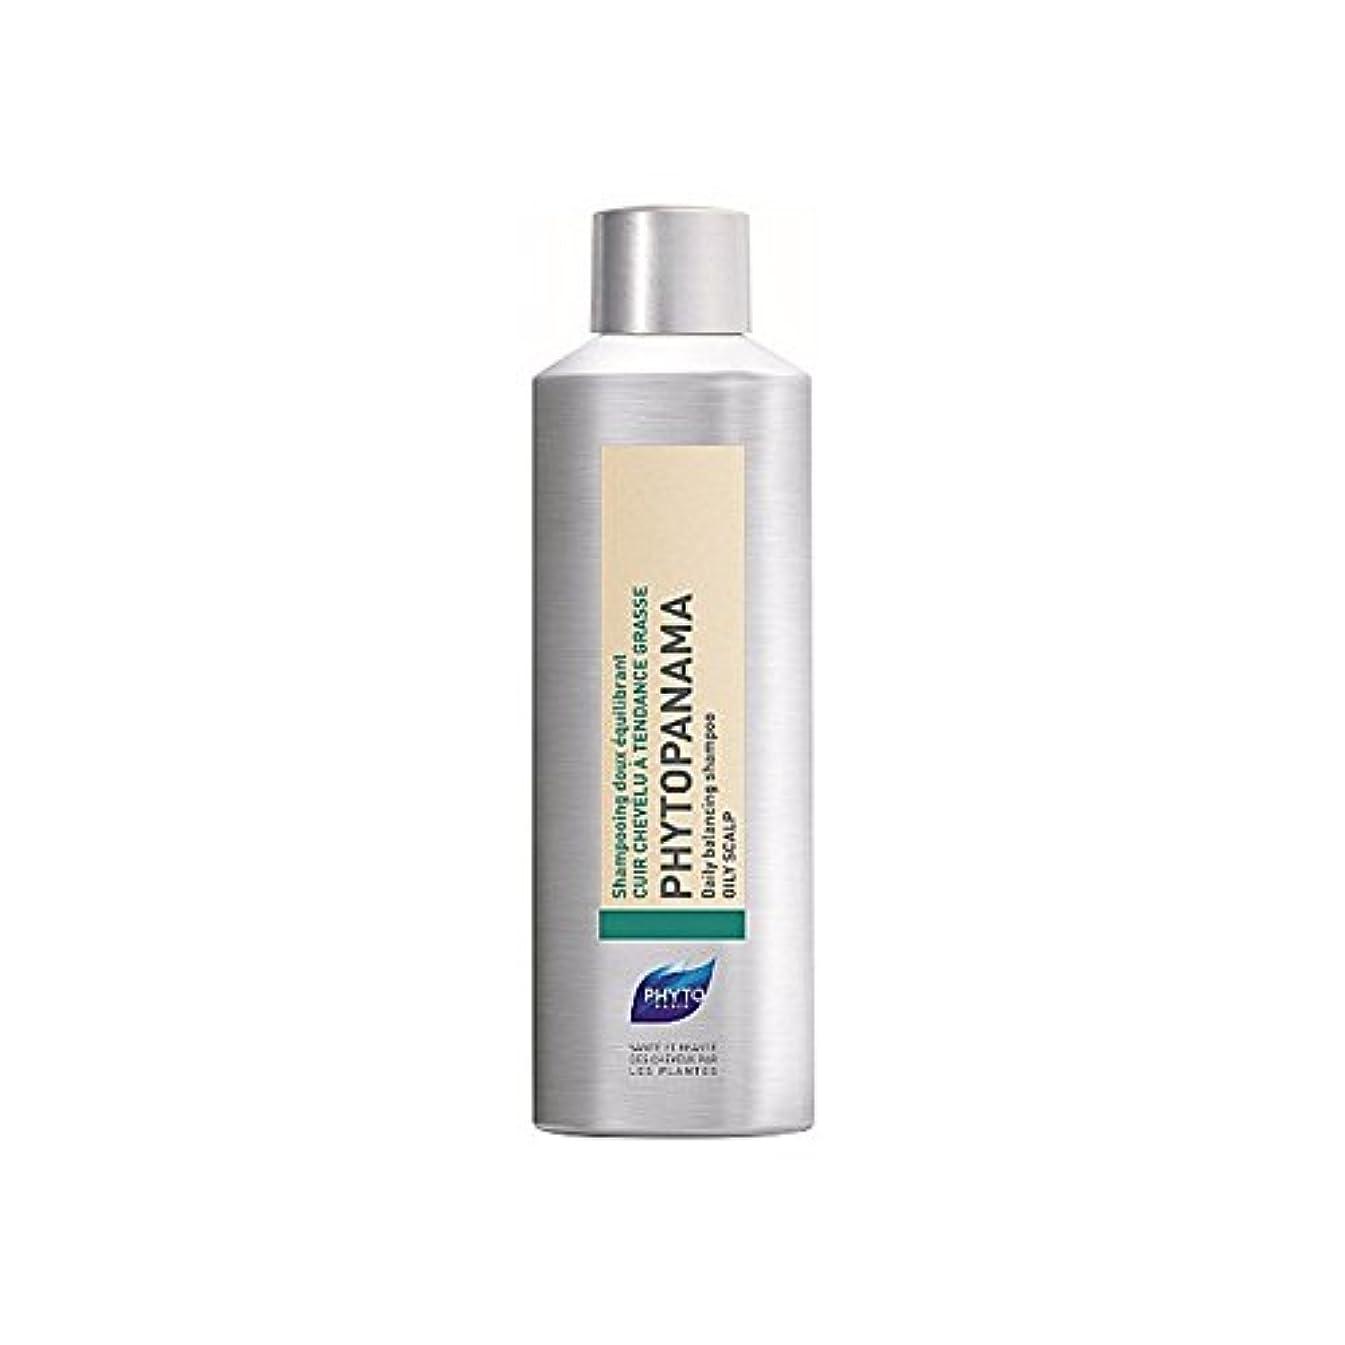 可決何十人も解決フィトシャンプー200ミリリットル x2 - Phyto Phytopanama Shampoo 200ml (Pack of 2) [並行輸入品]